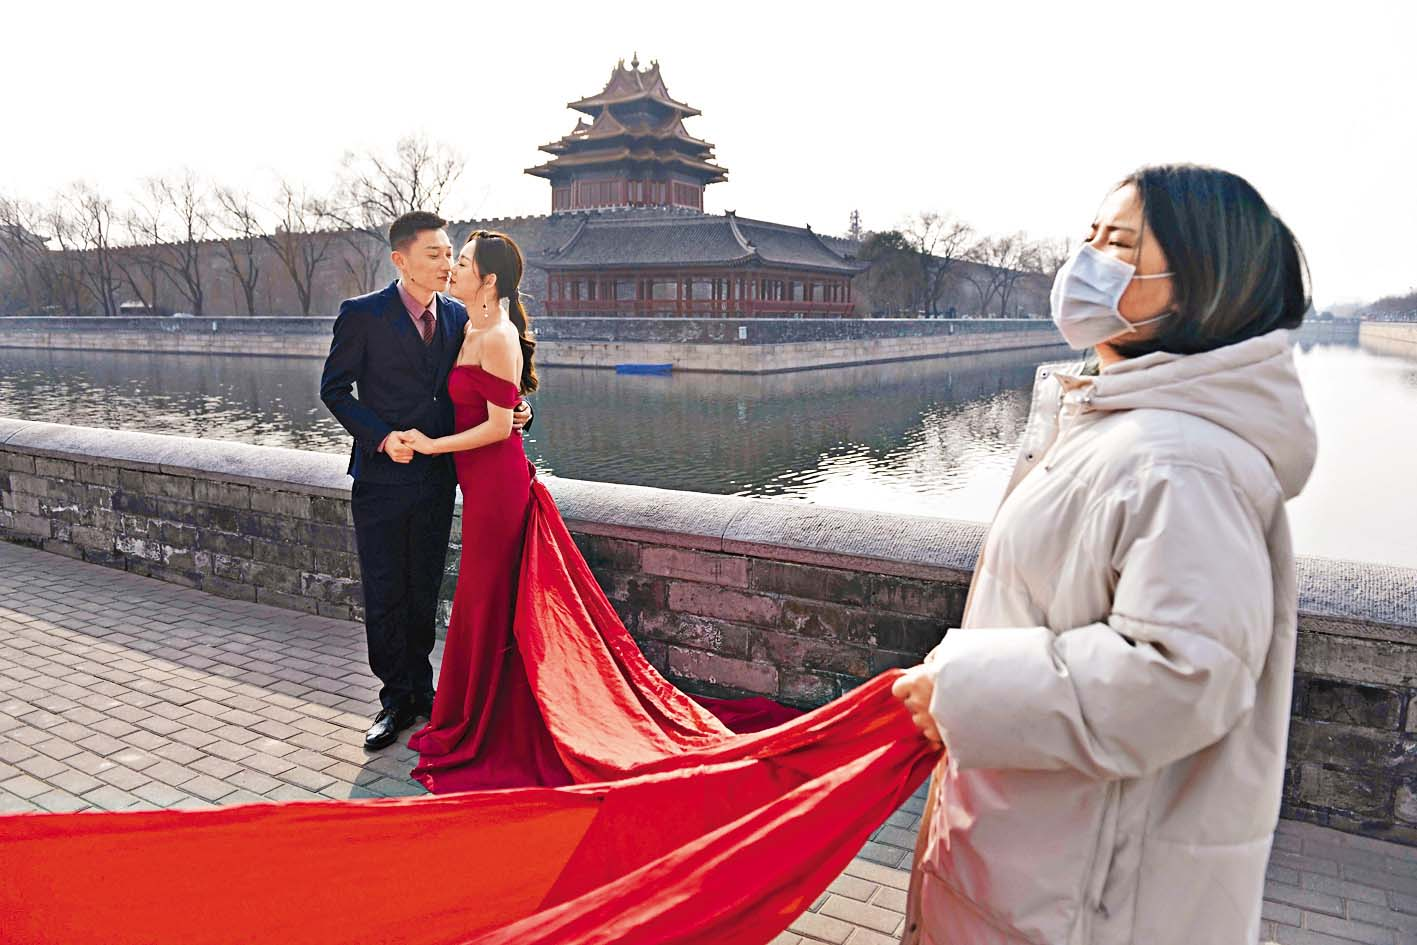 疫情趨緩,一對準新人在北京紫禁城前拍攝結婚照。 法新社